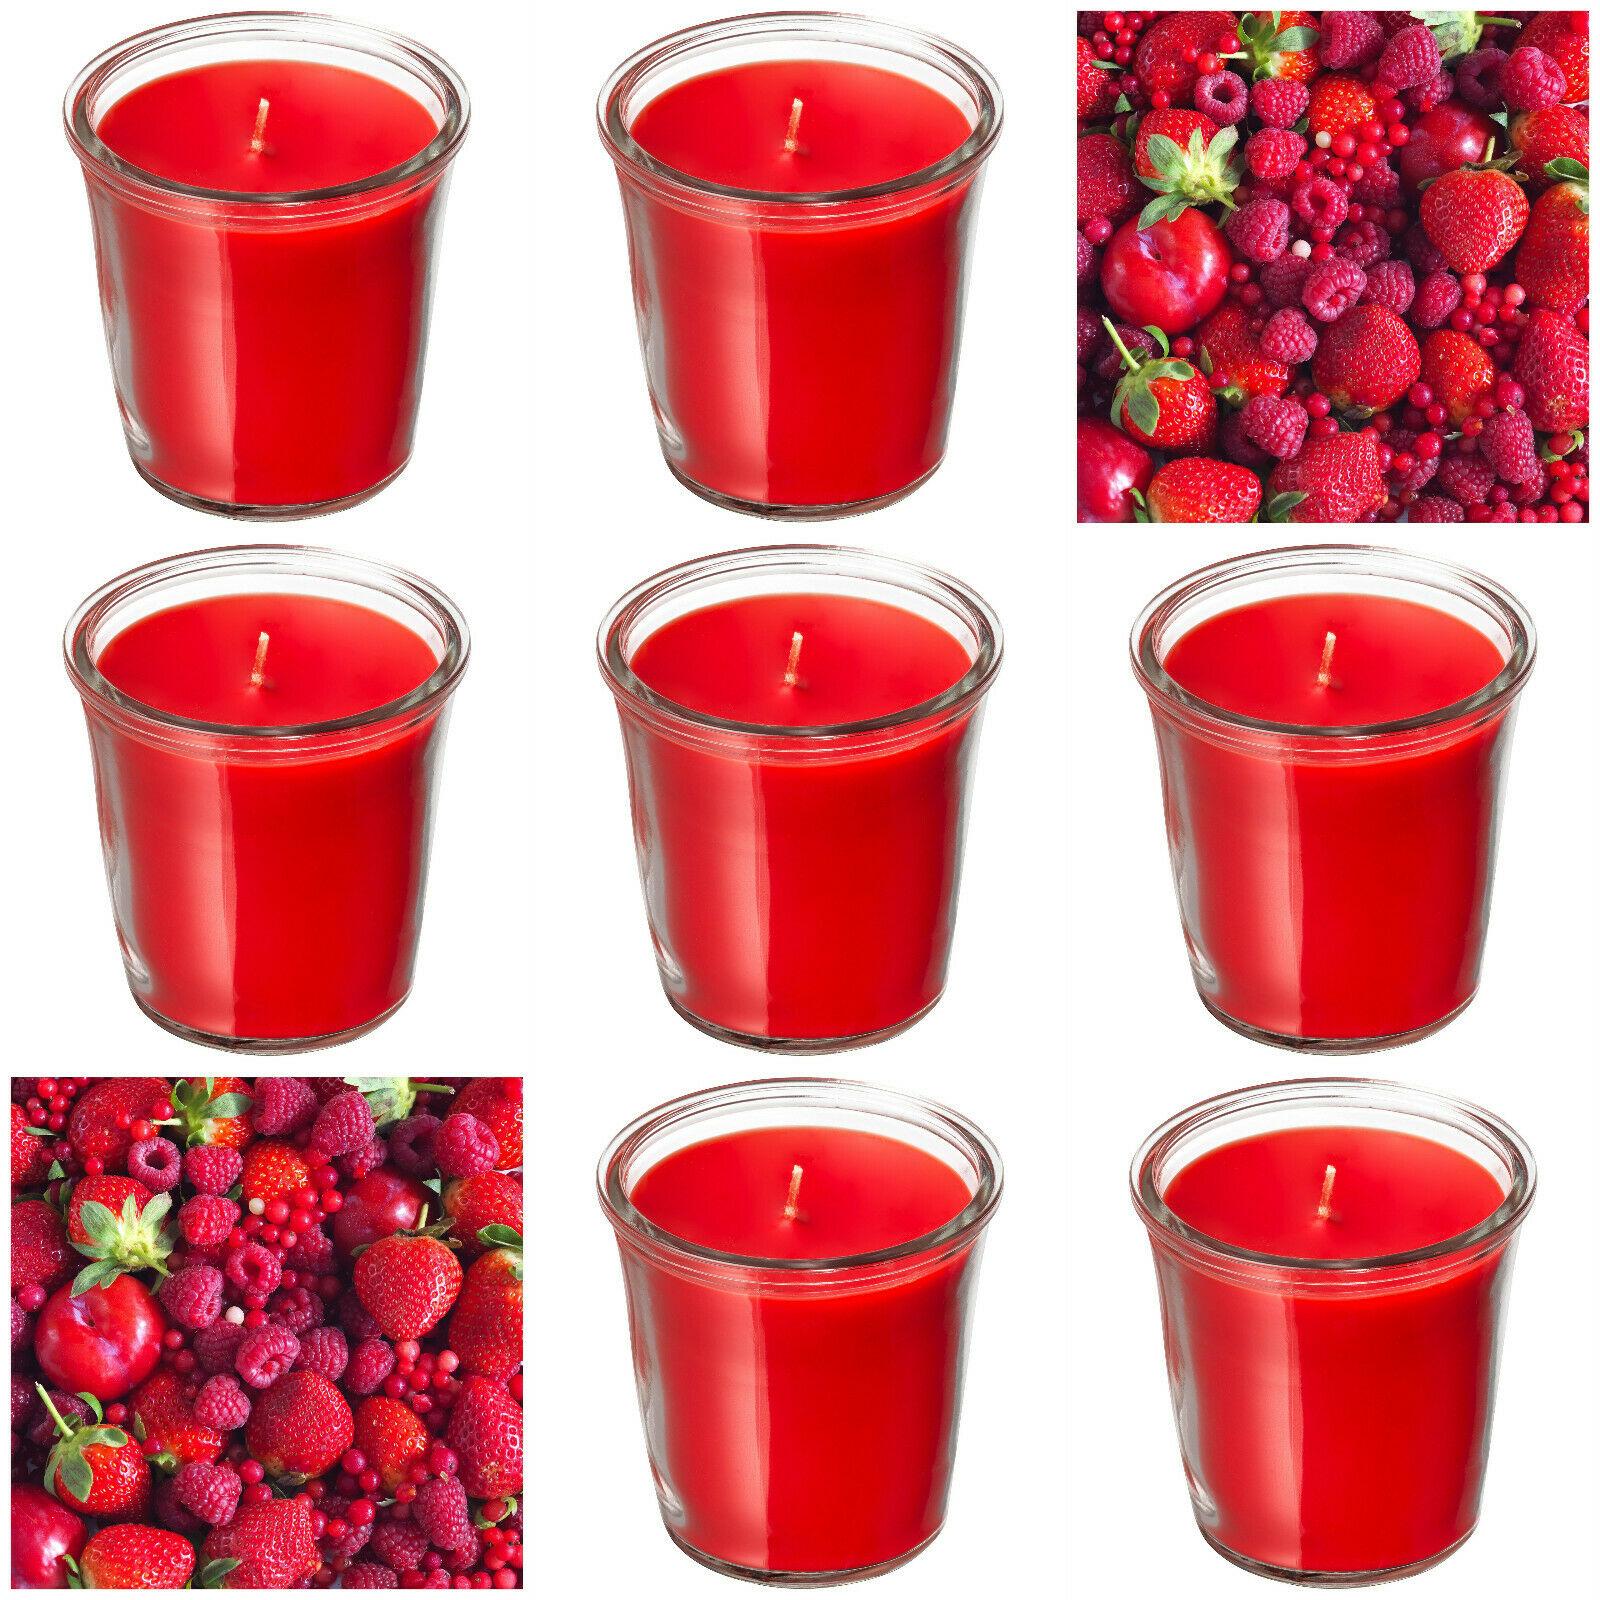 12 x Ikea Duftgläser 70x70 mm Duftkerzen im Glas Kerzenglas Beerenmischung Rot